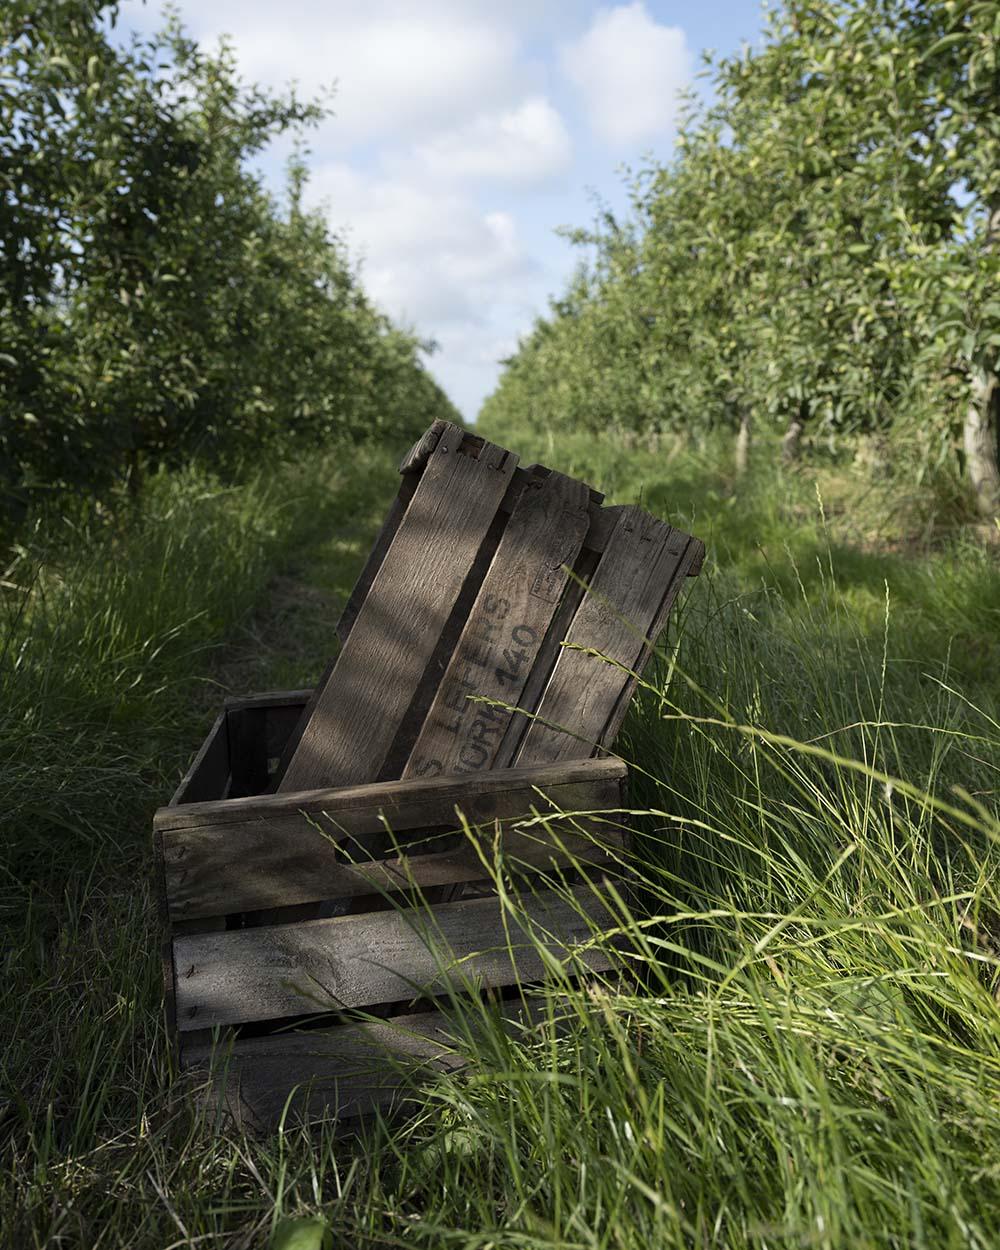 Holzkisten liegen wähernd er Ernte im Gras. Auf ihnen ist der Schriftzug des Obsthof Lefers zu lesen. Wir waren während der Kirsch-Ernte dabei und haben einige Aufnahmen am Rande gemacht.